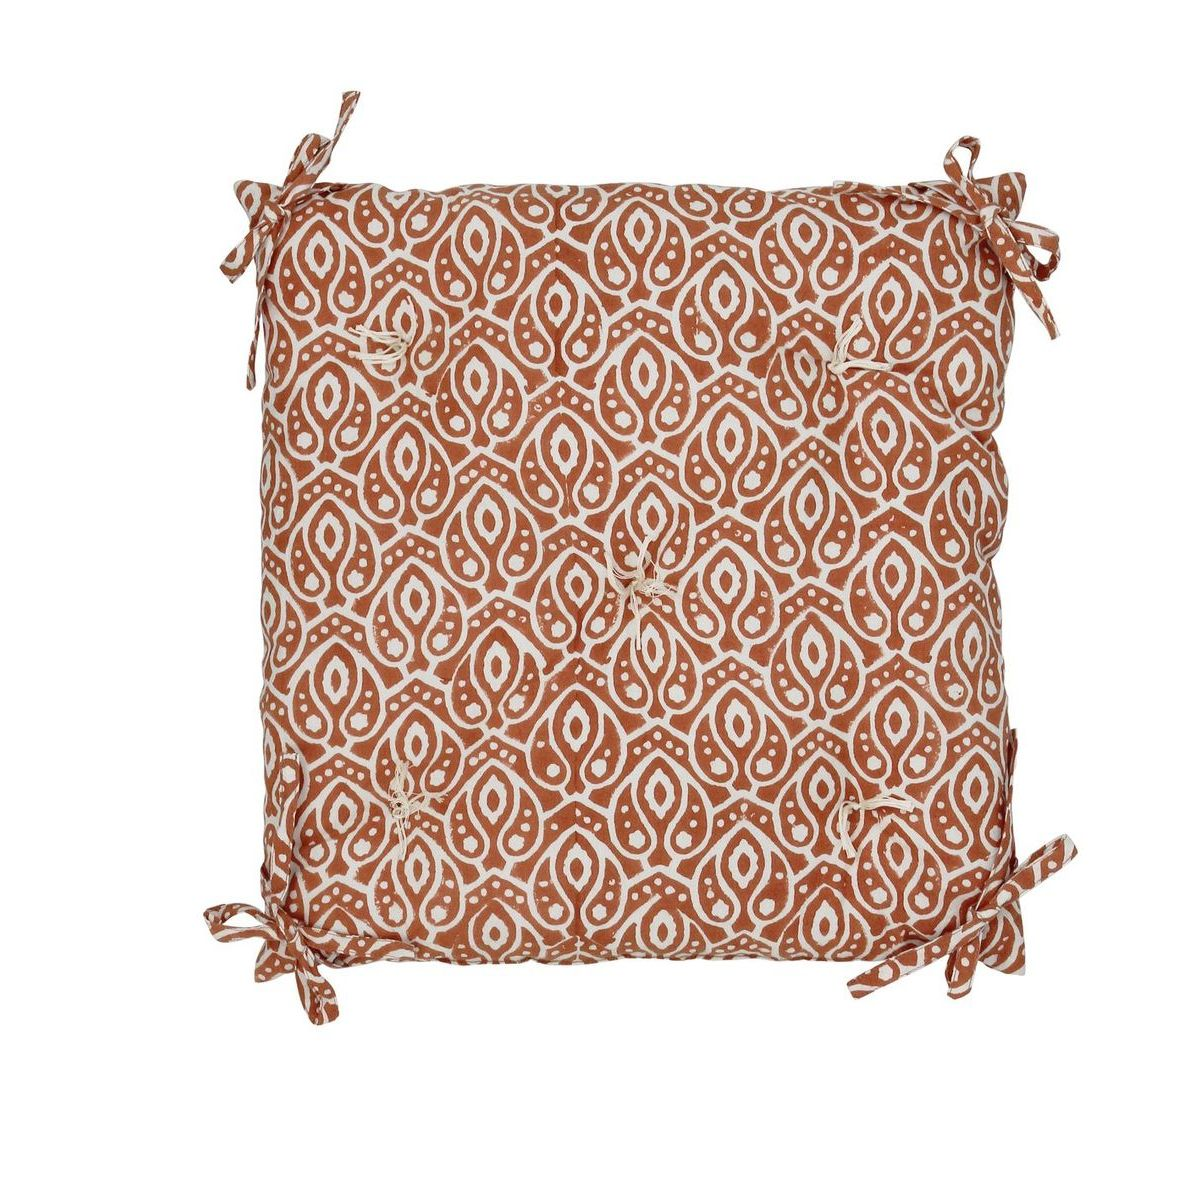 Galette de chaise en coton imprimé terracotta 40x40